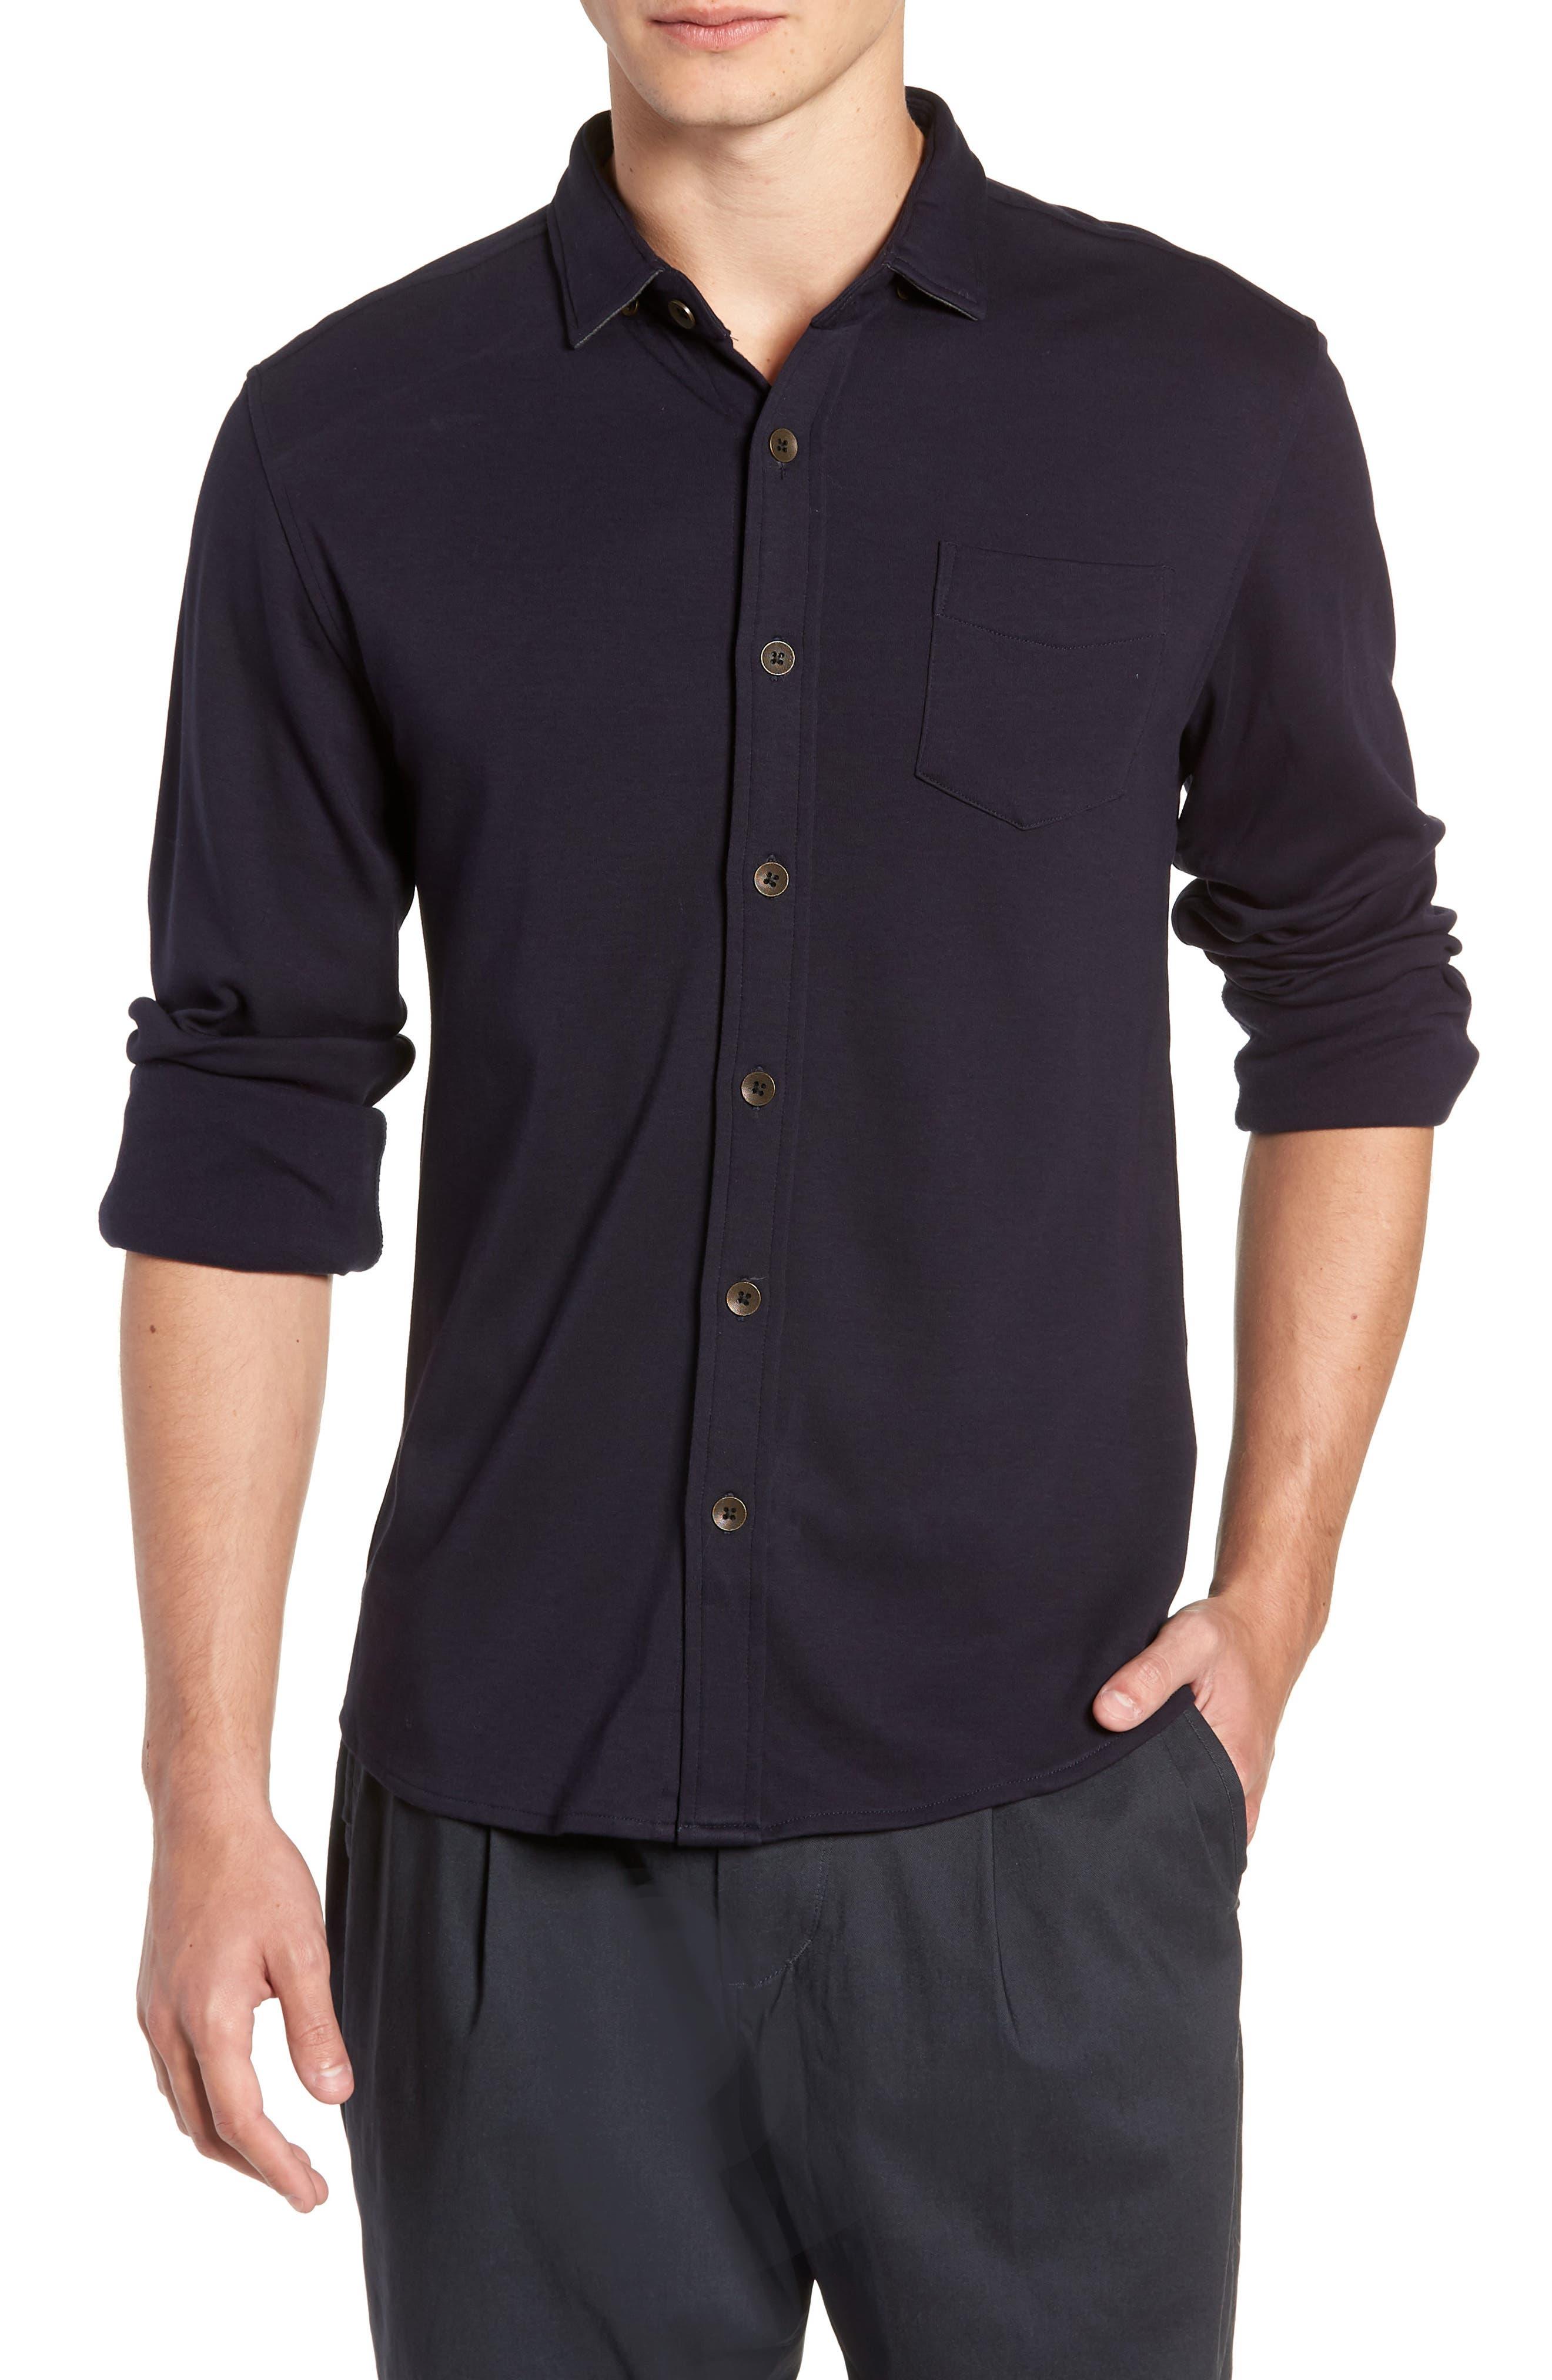 Shirt Killer Woven Shirt,                             Main thumbnail 1, color,                             NAVY